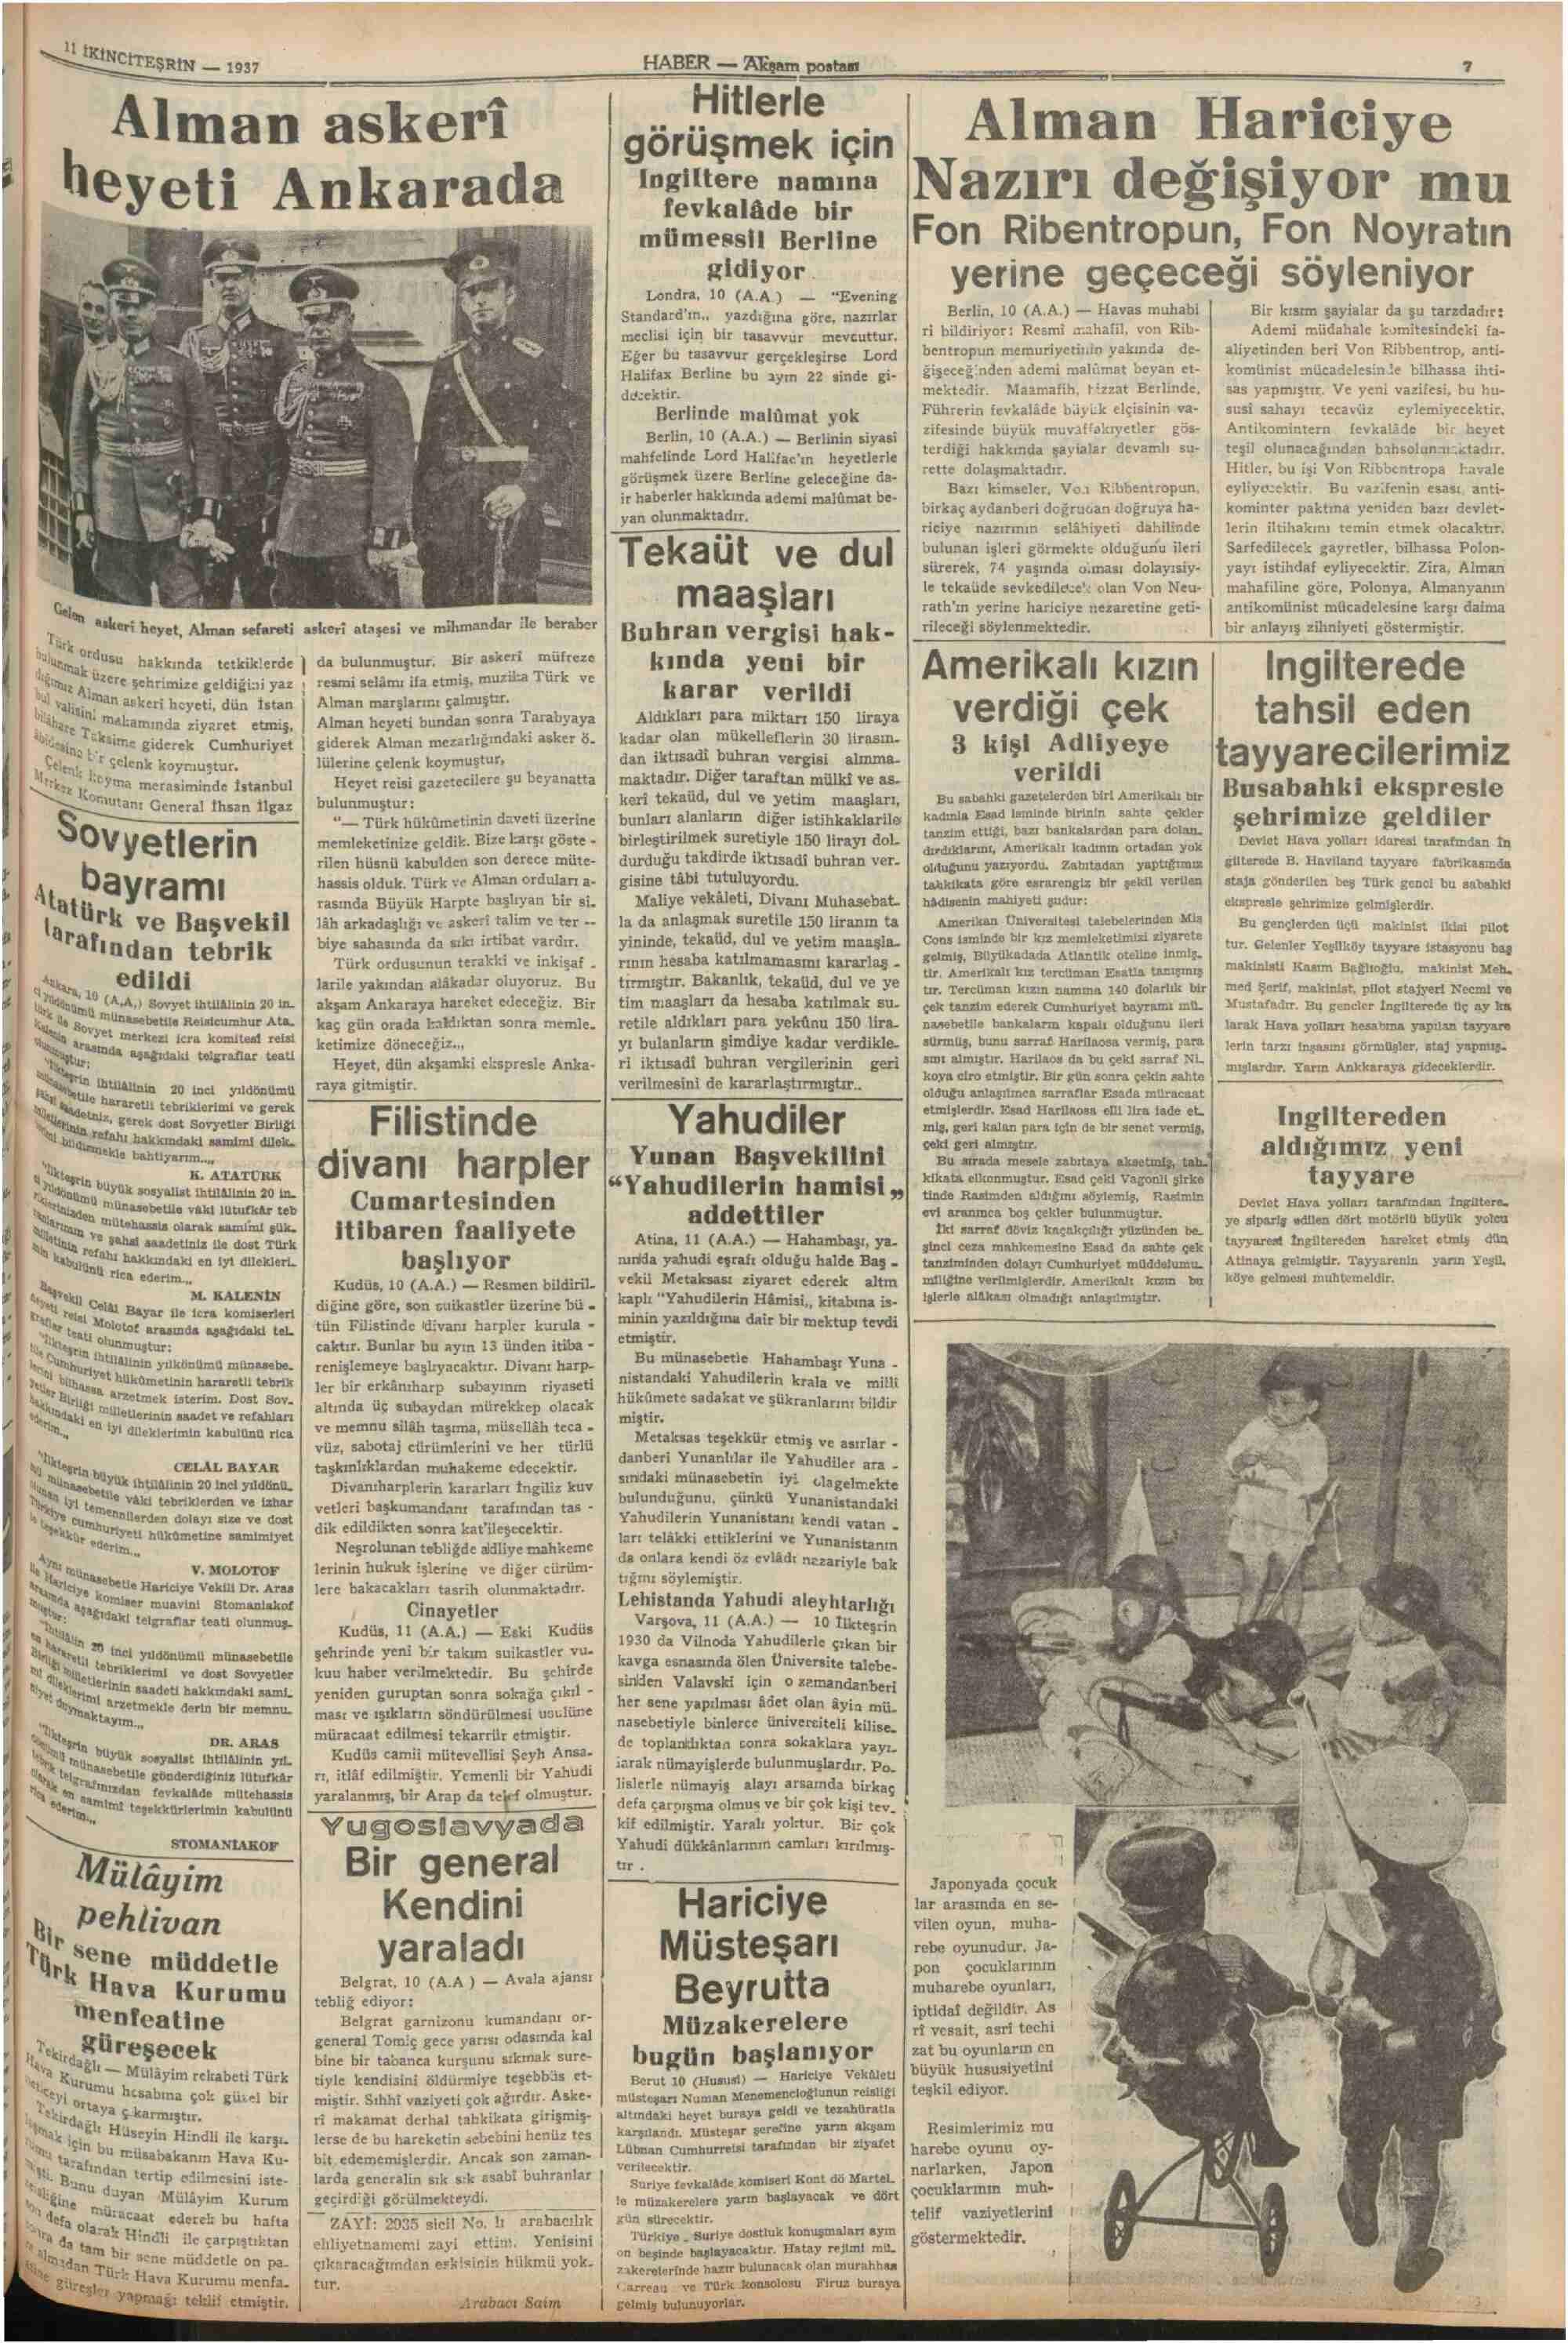 11 Kasım 1937 Tarihli Haber Gazetesi Sayfa 7